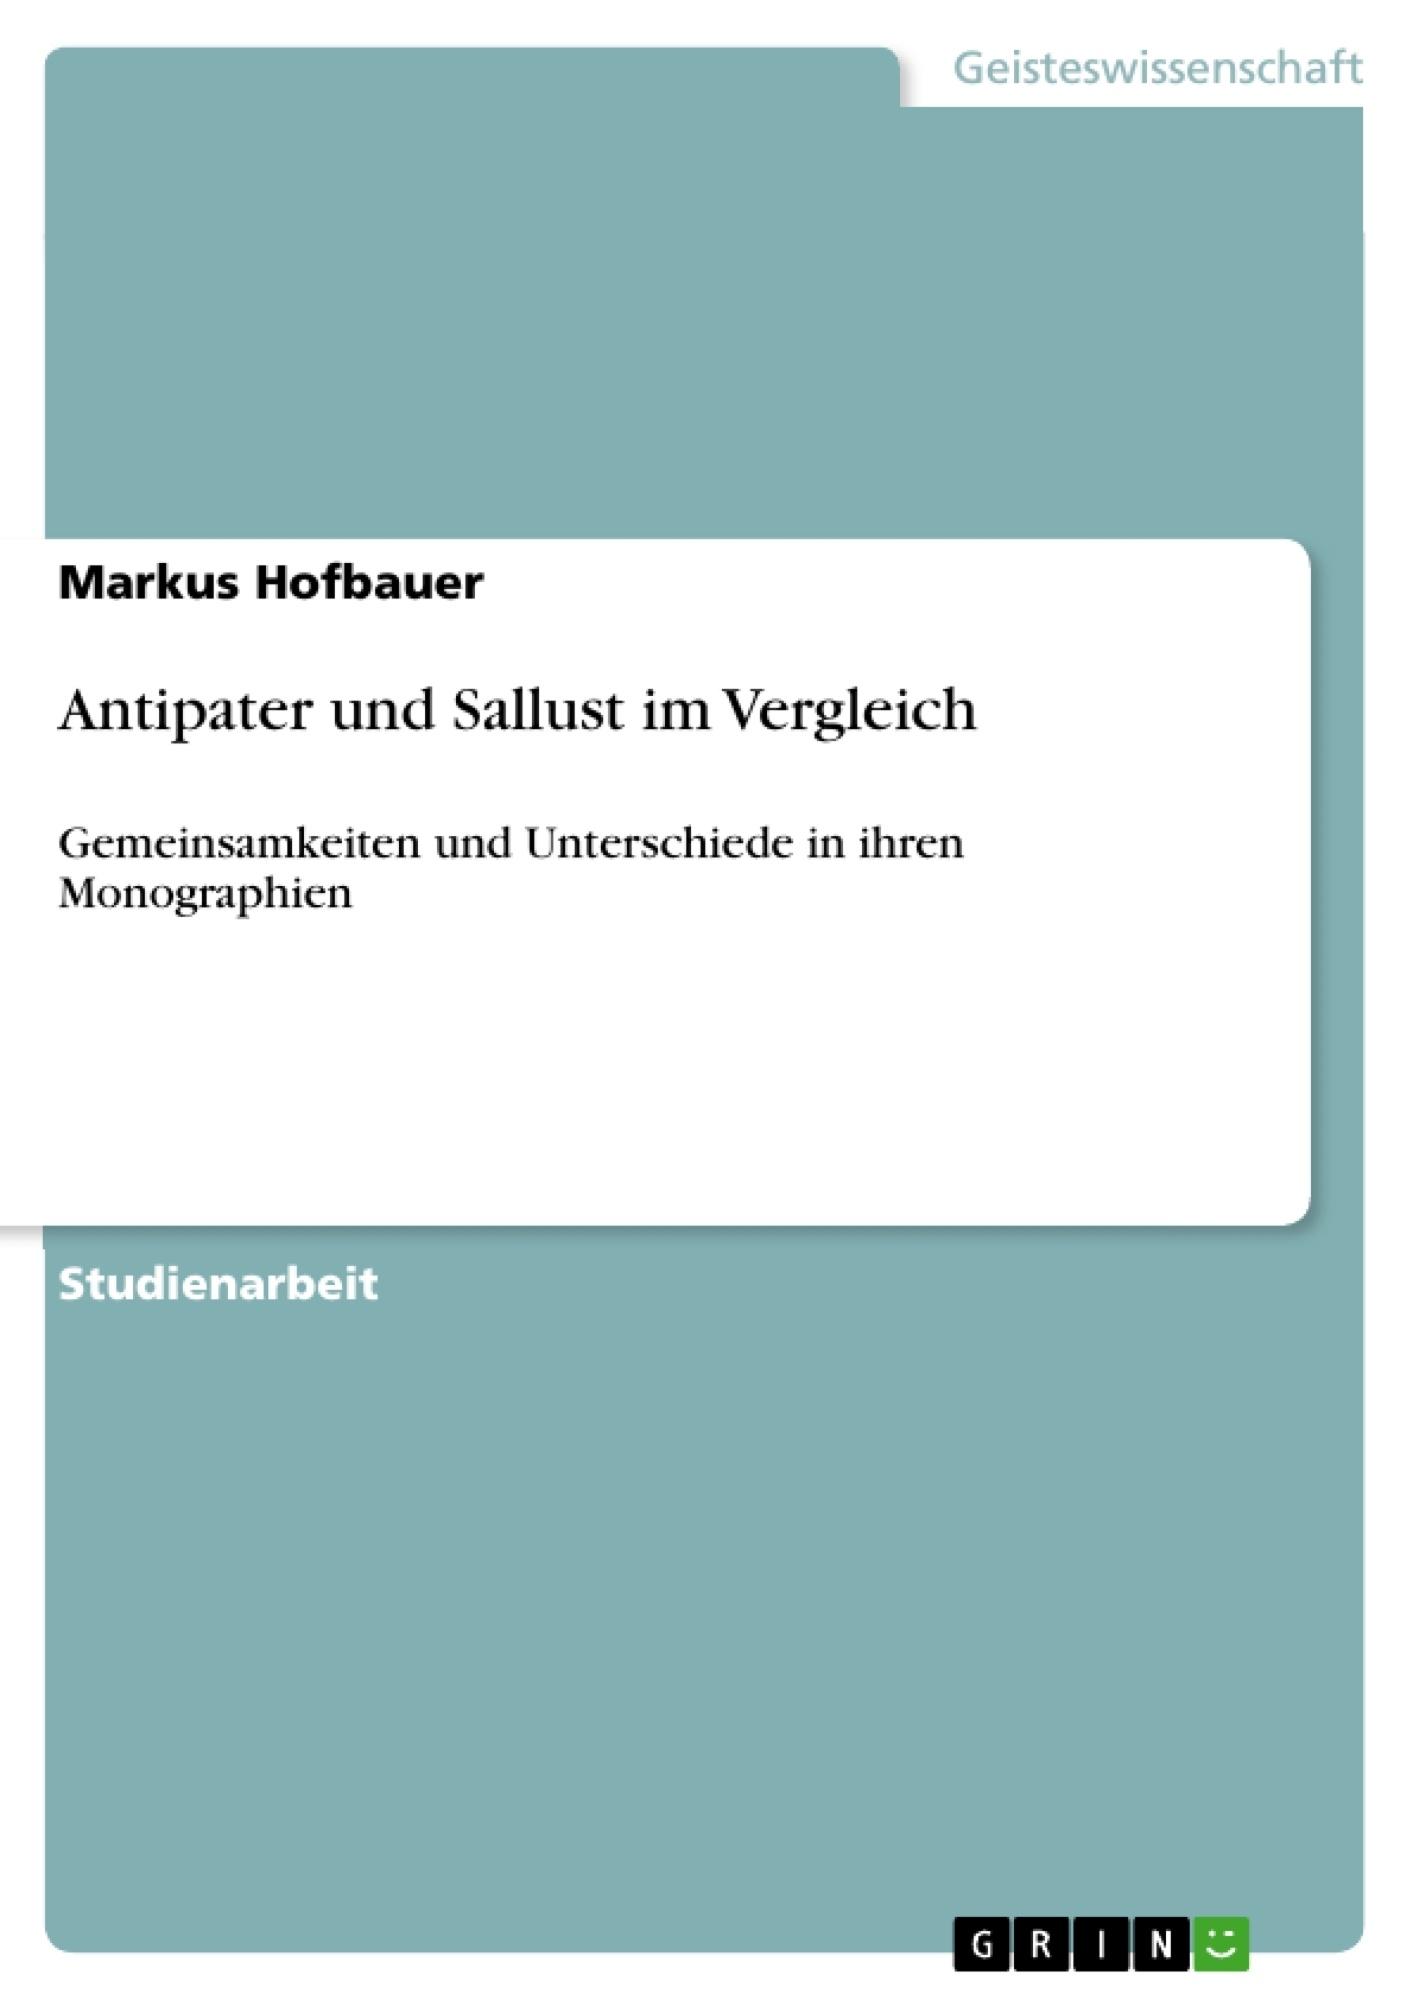 Titel: Antipater und Sallust im Vergleich